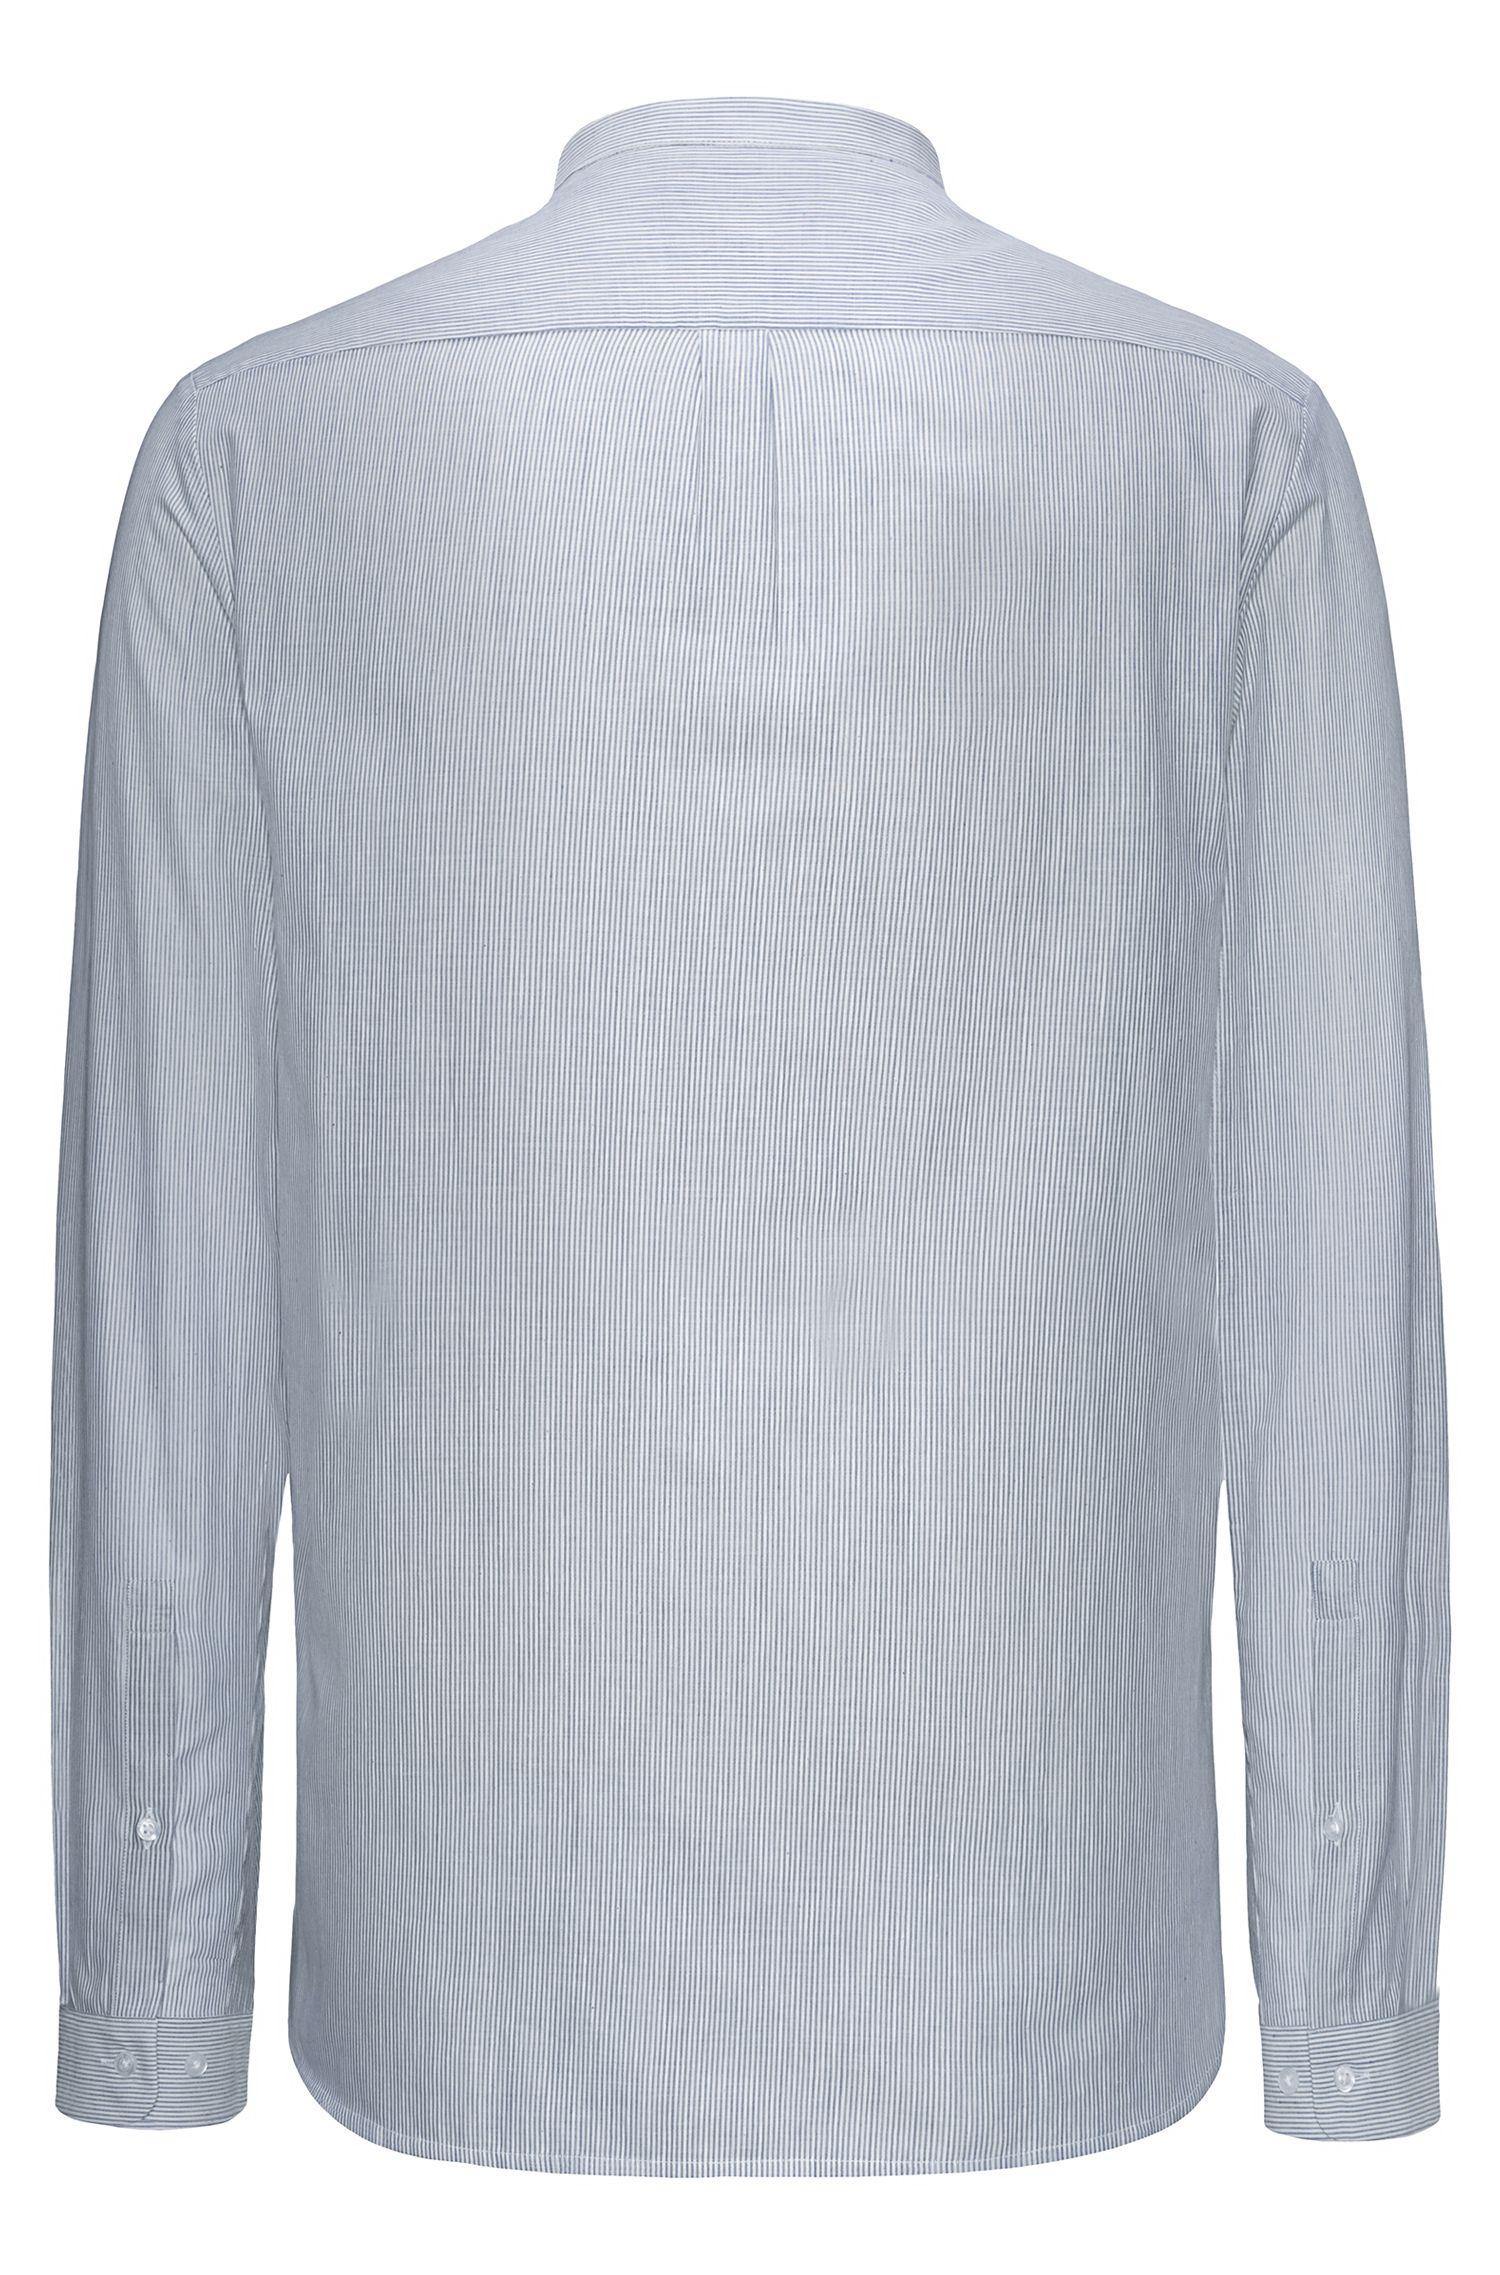 Relaxed-Fit Hemd aus Baumwolle mit Stehkragen und Streifen-Muster